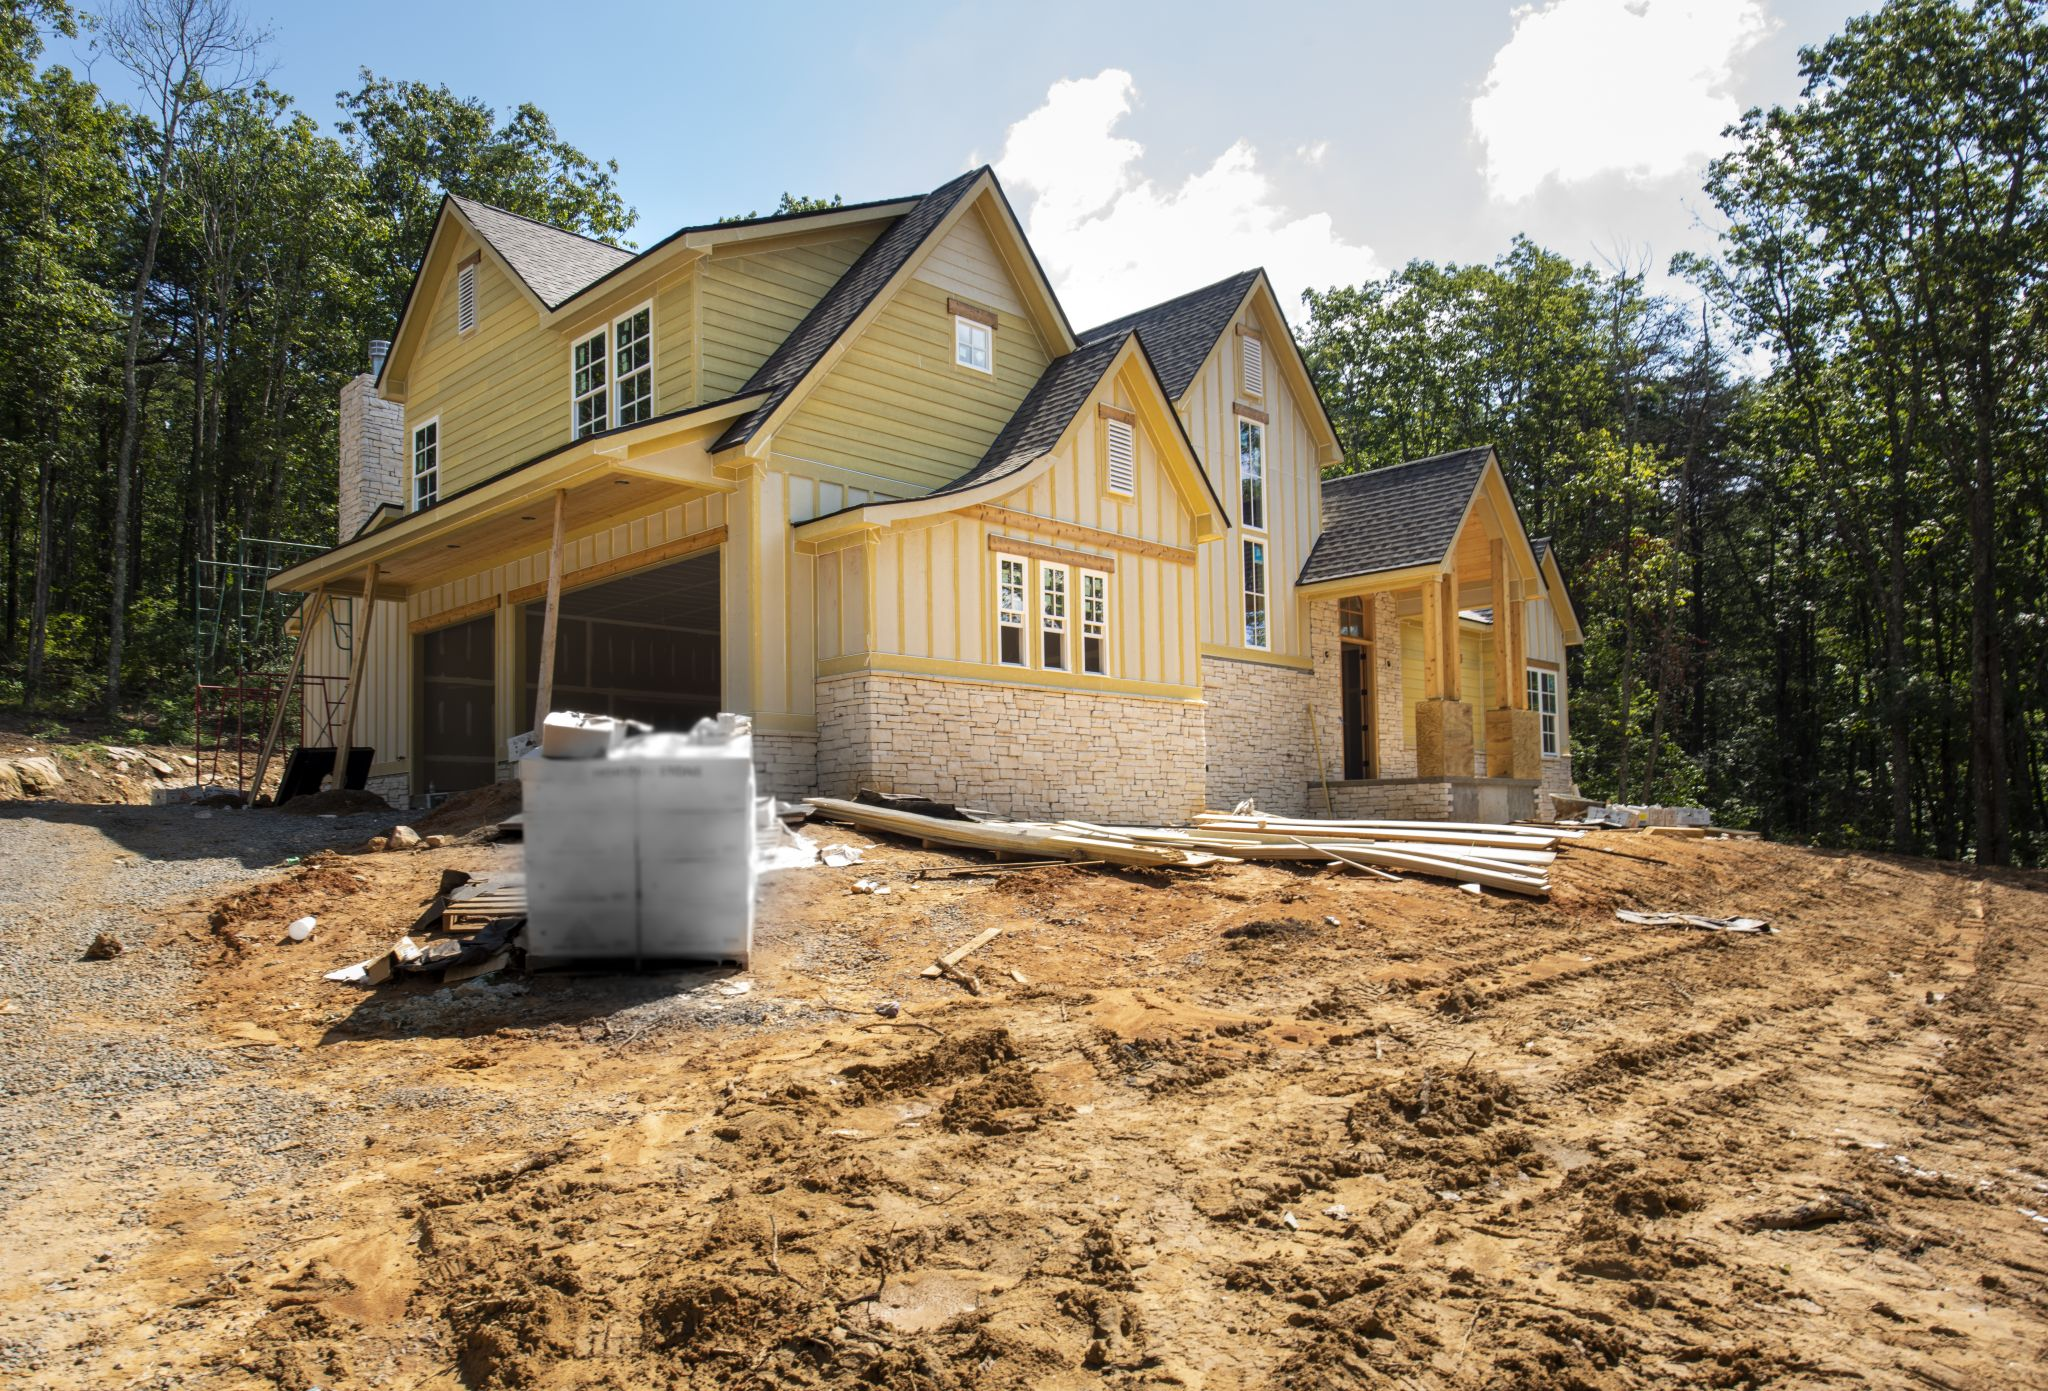 Hudson Valley real estate market stays hot